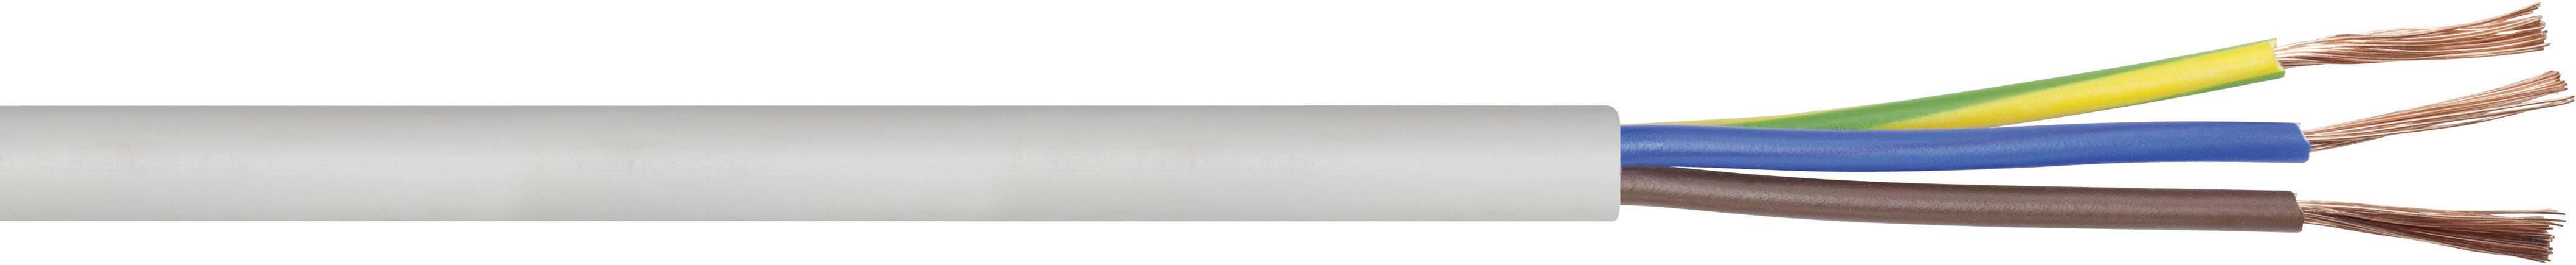 Vícežílový kabel LAPP H05VV-F, 49900076, 3 G 1 mm², bílá, metrové zboží